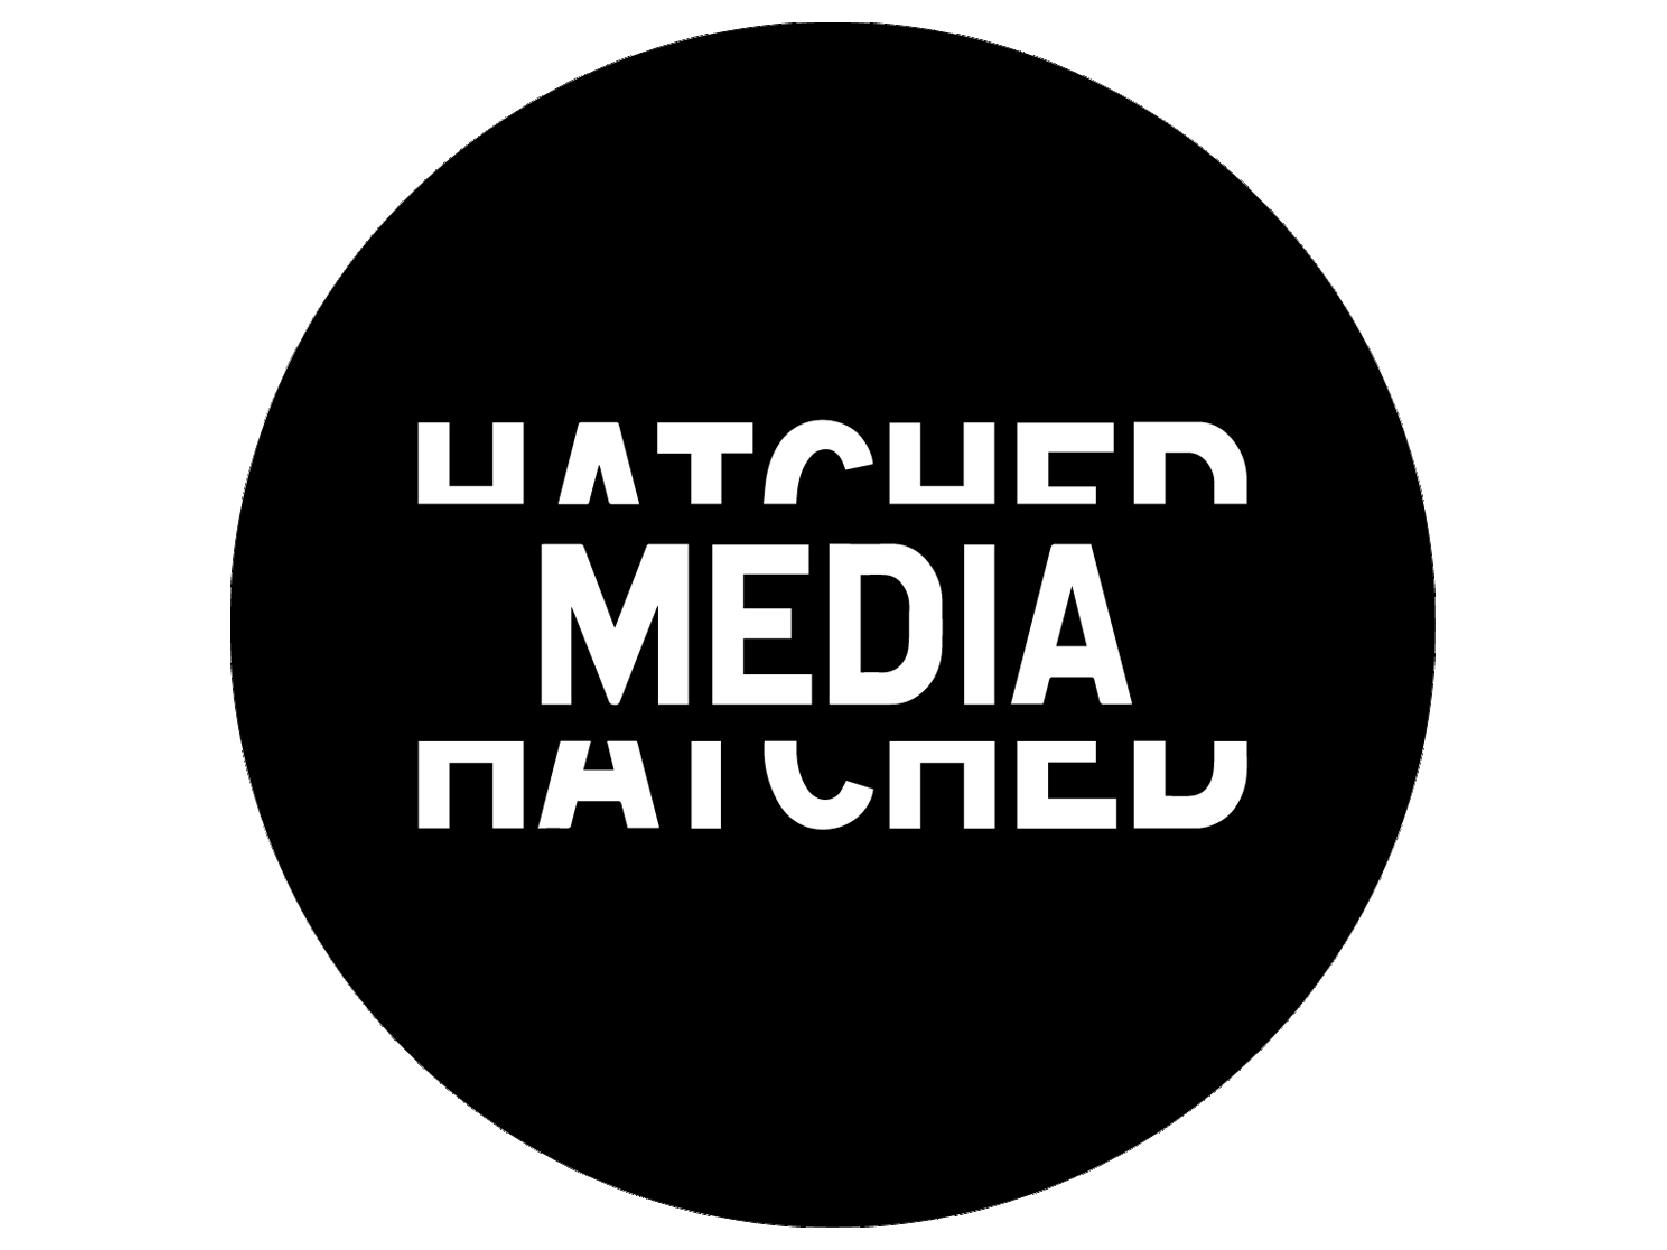 bespeak-hatched-media.png